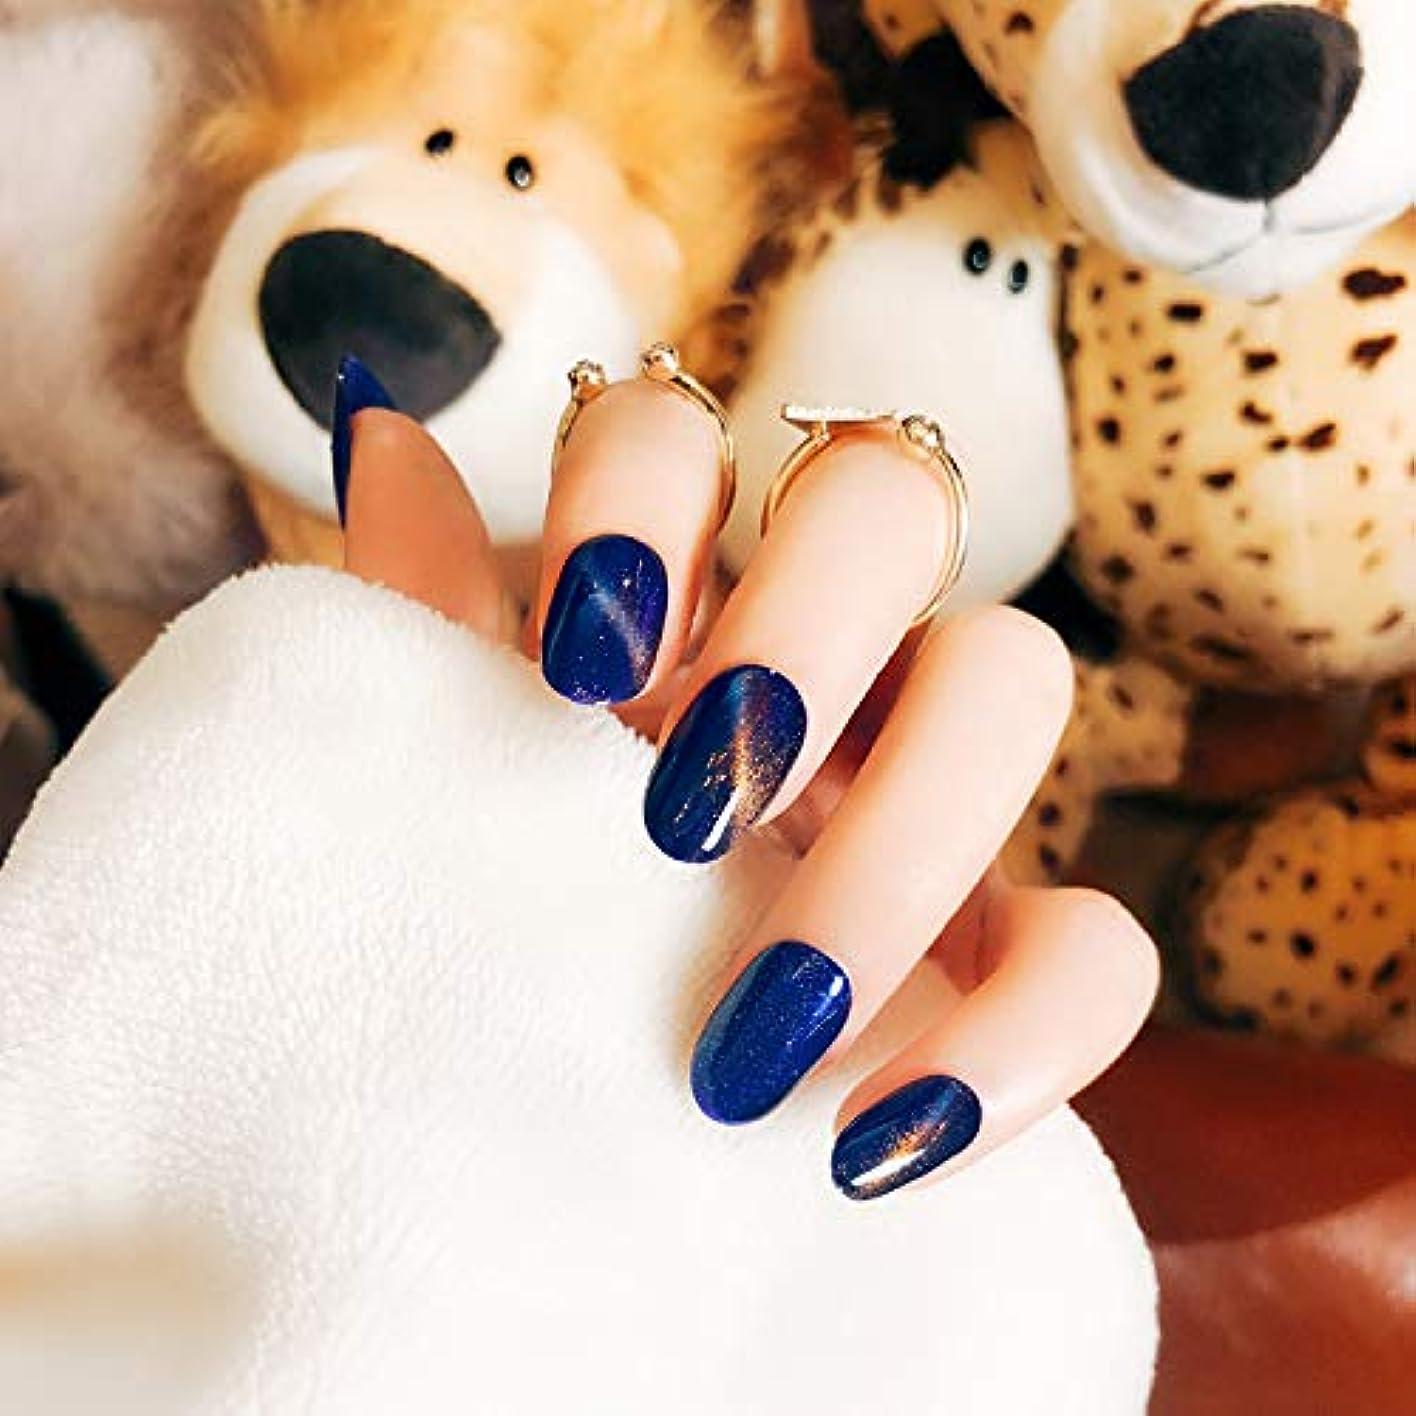 断言する特派員印象的ins人気のある 24個入り ネイルチップ ジェルネイルの光疗法 無地ネイルチップ 猫目石 手作りネイルアートチップ (ブルー)